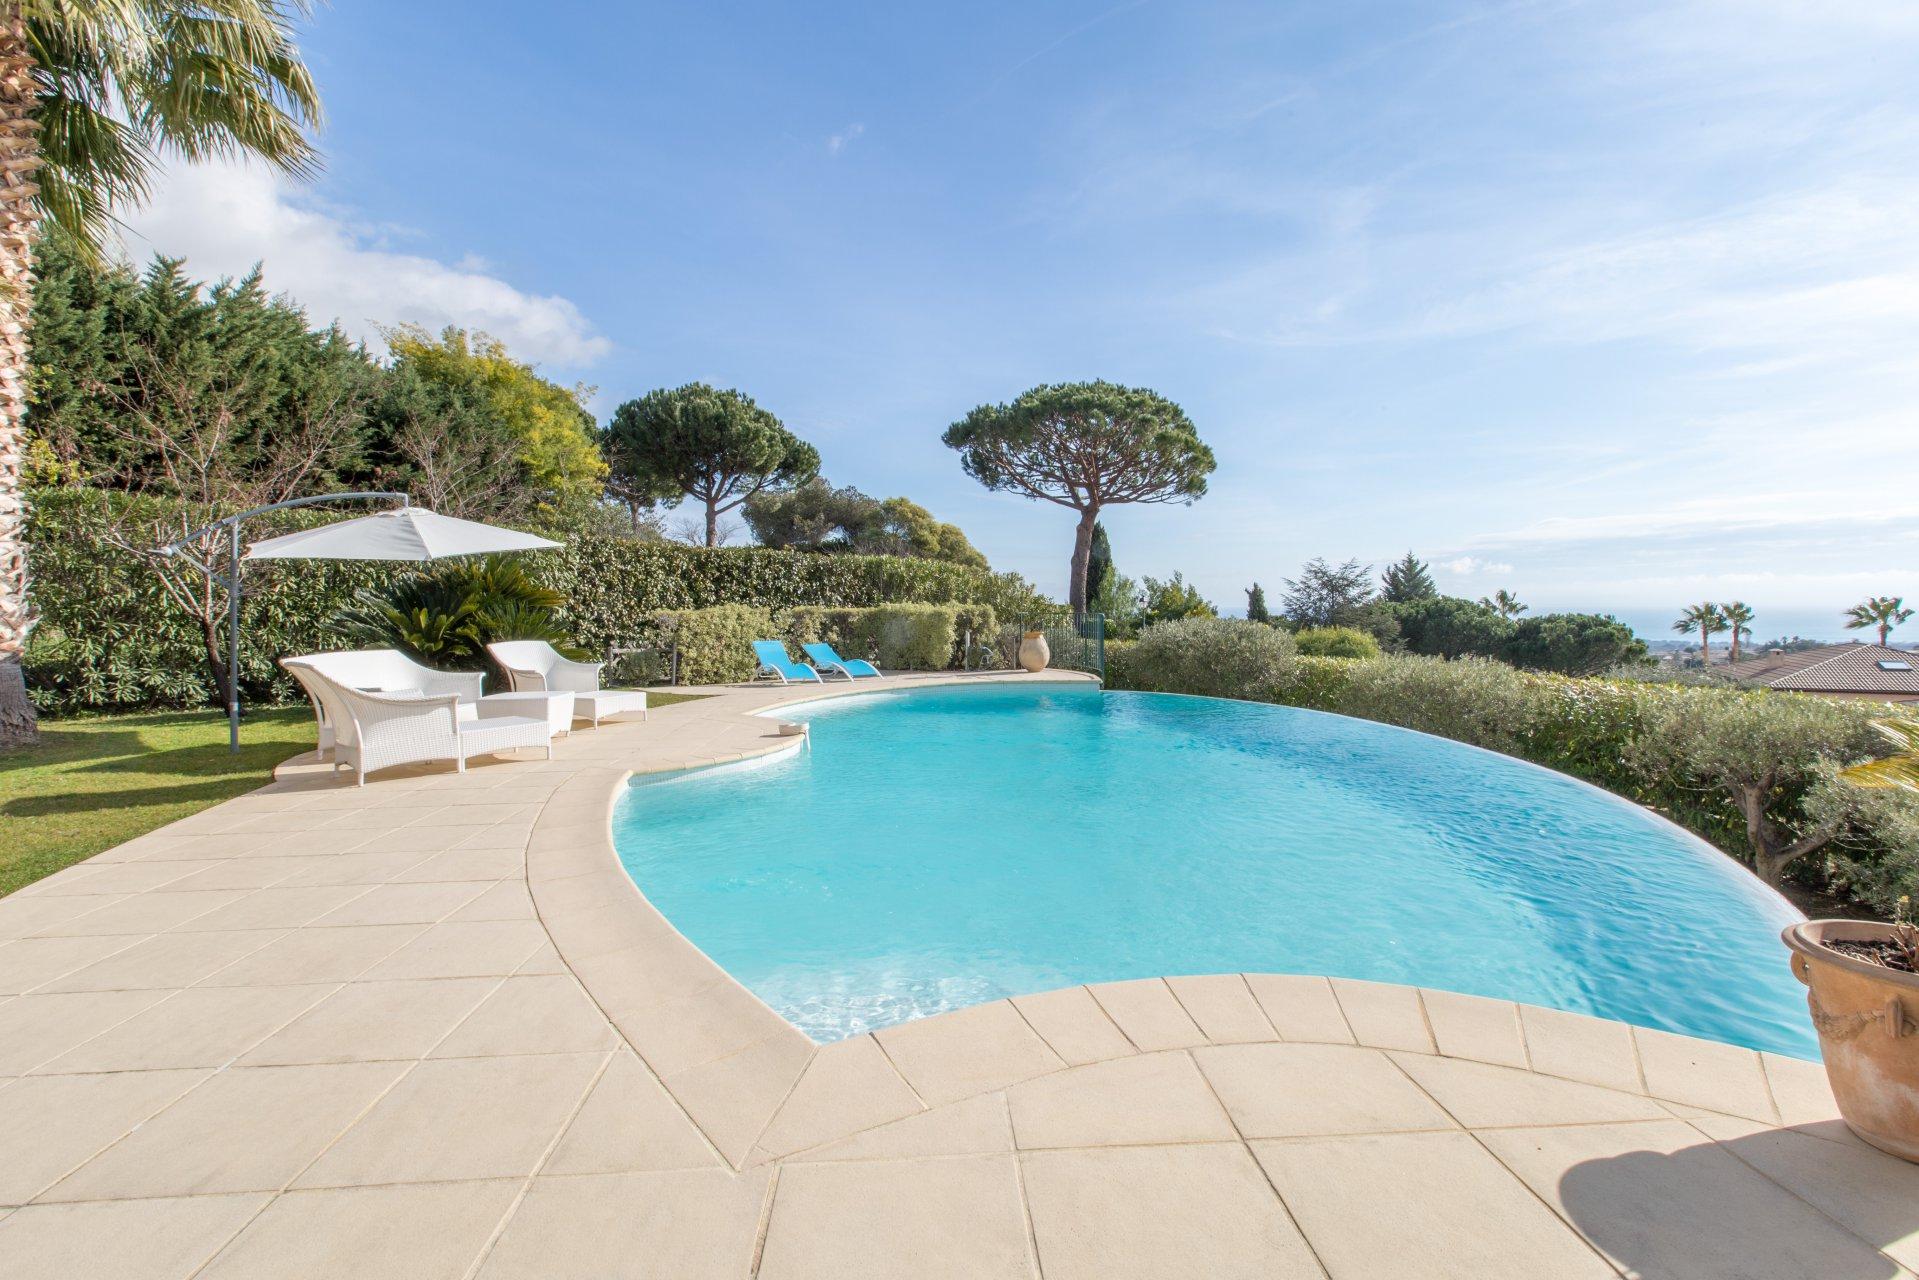 Dans un Domaine sécurisé, belle villa individuelle luxueusement rénovée avec piscine